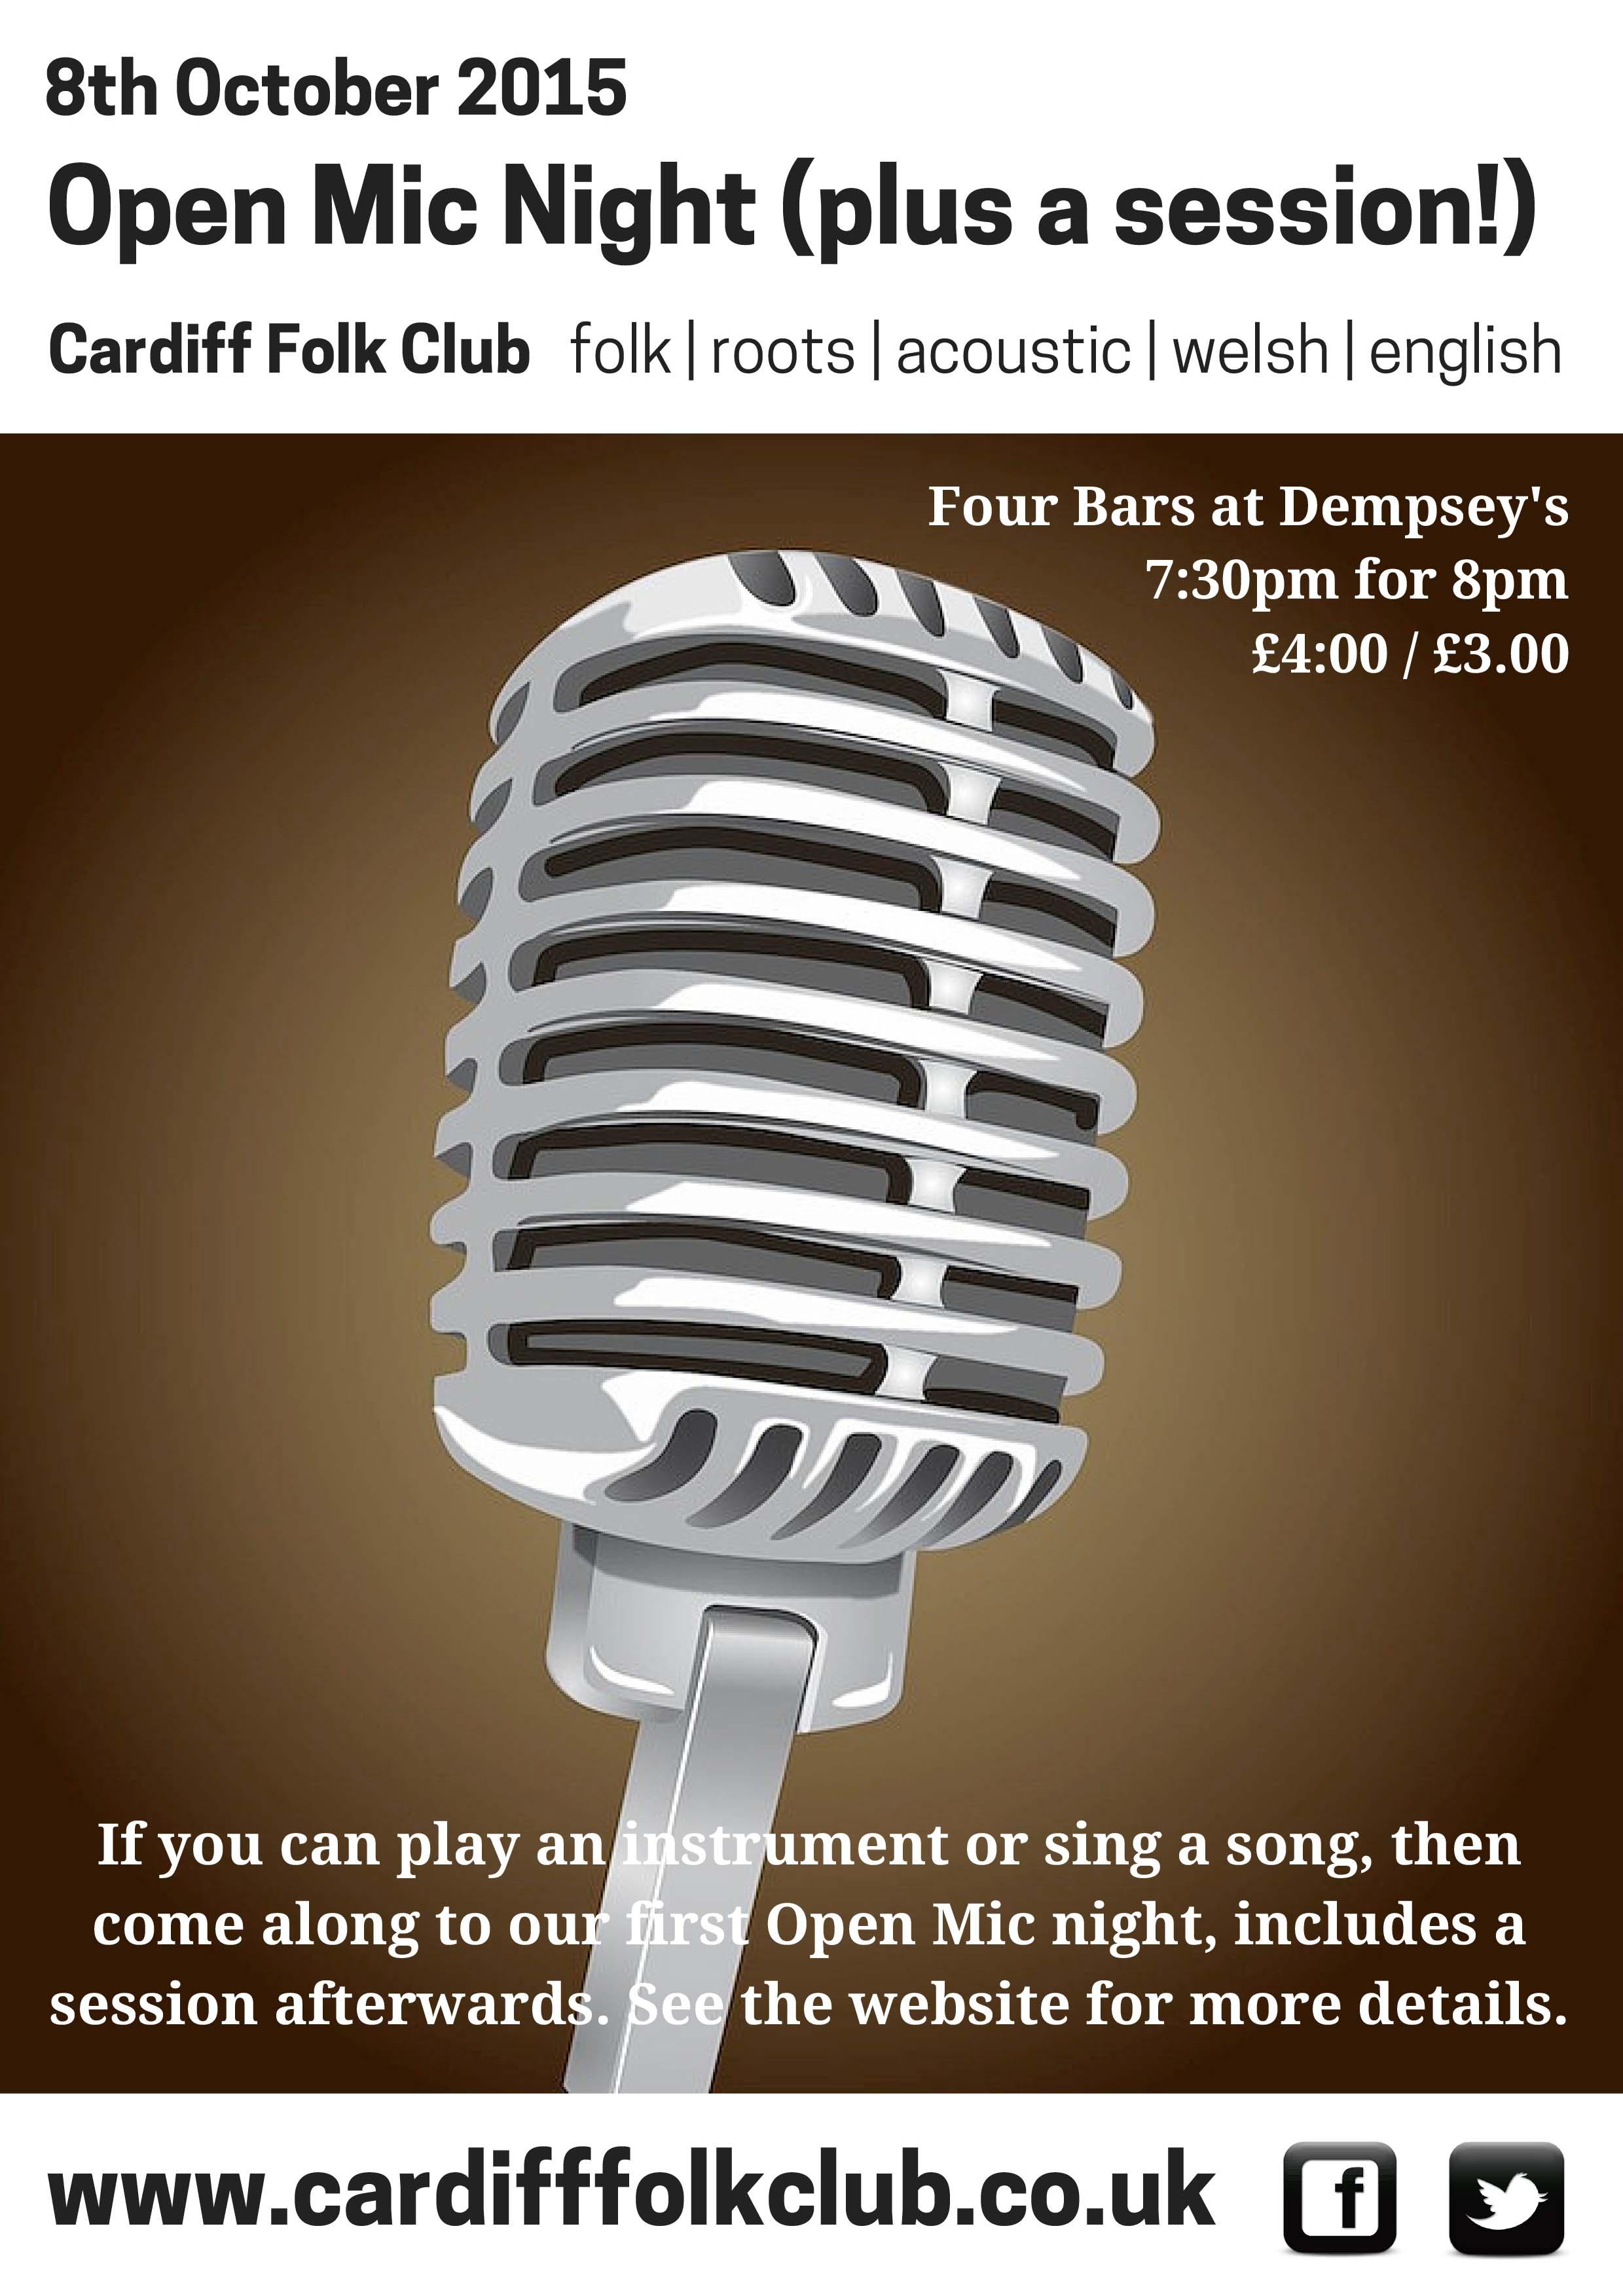 Cardiff Folk Club